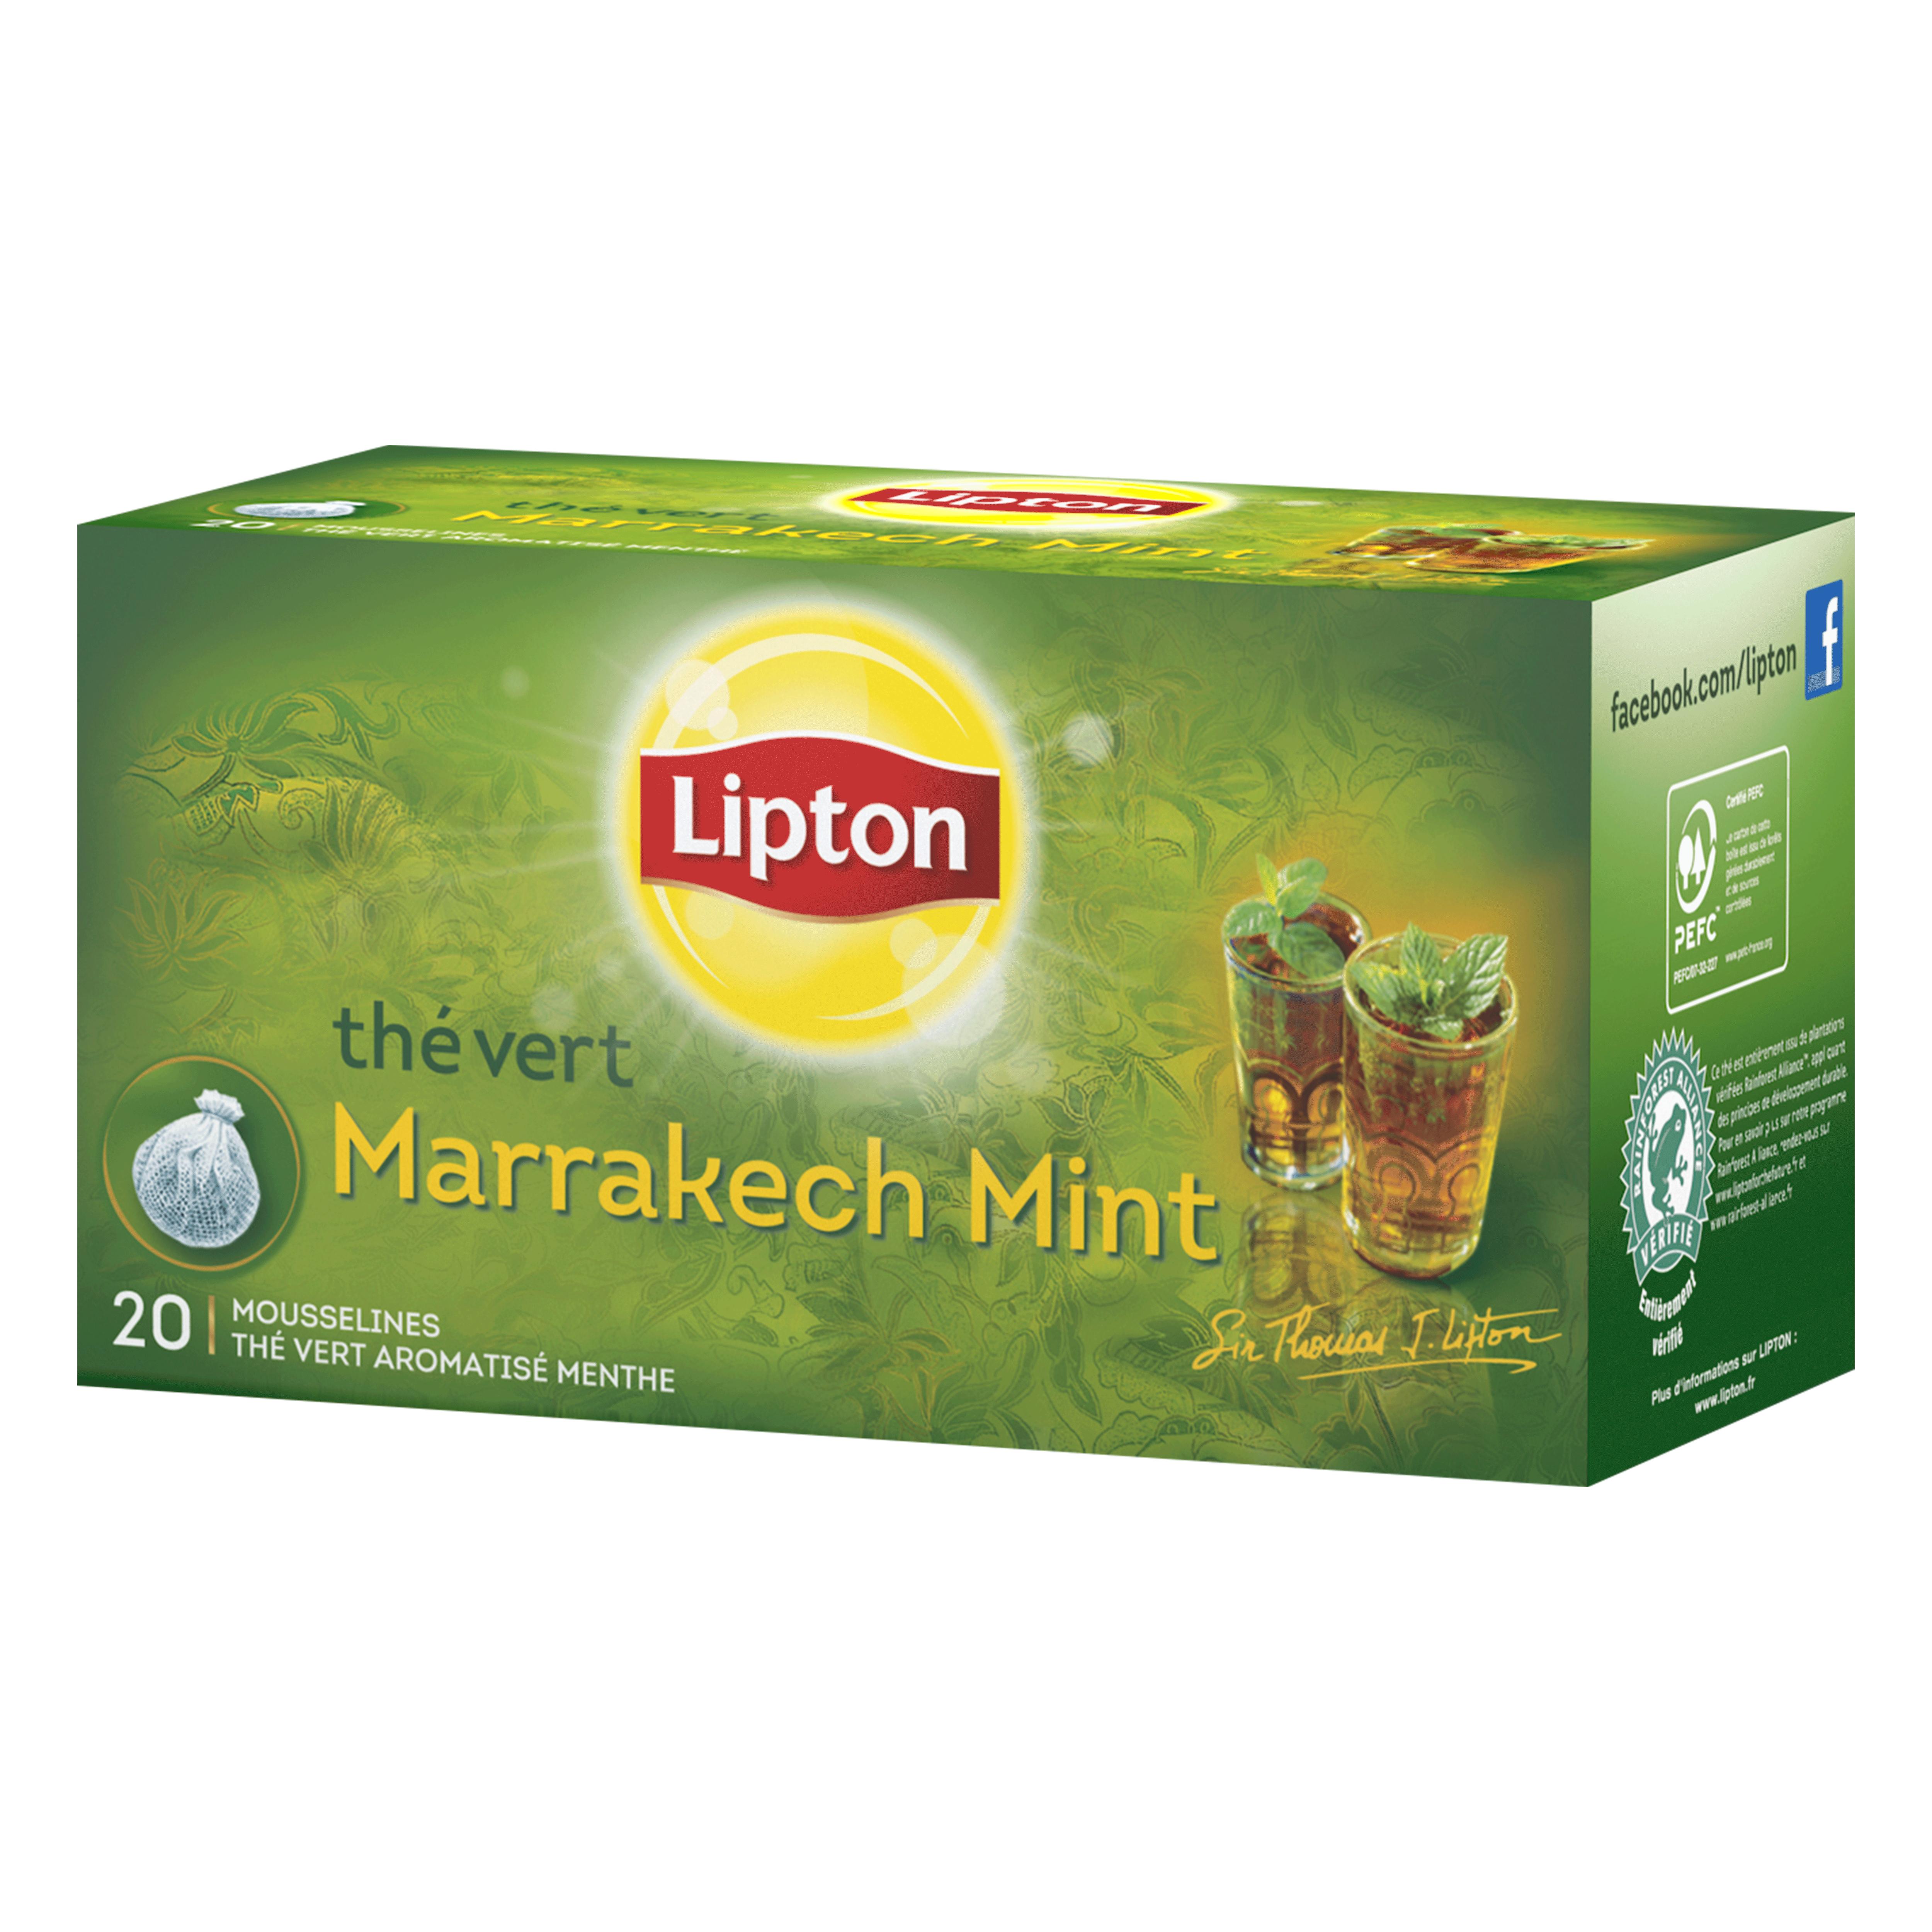 the vert marrakech